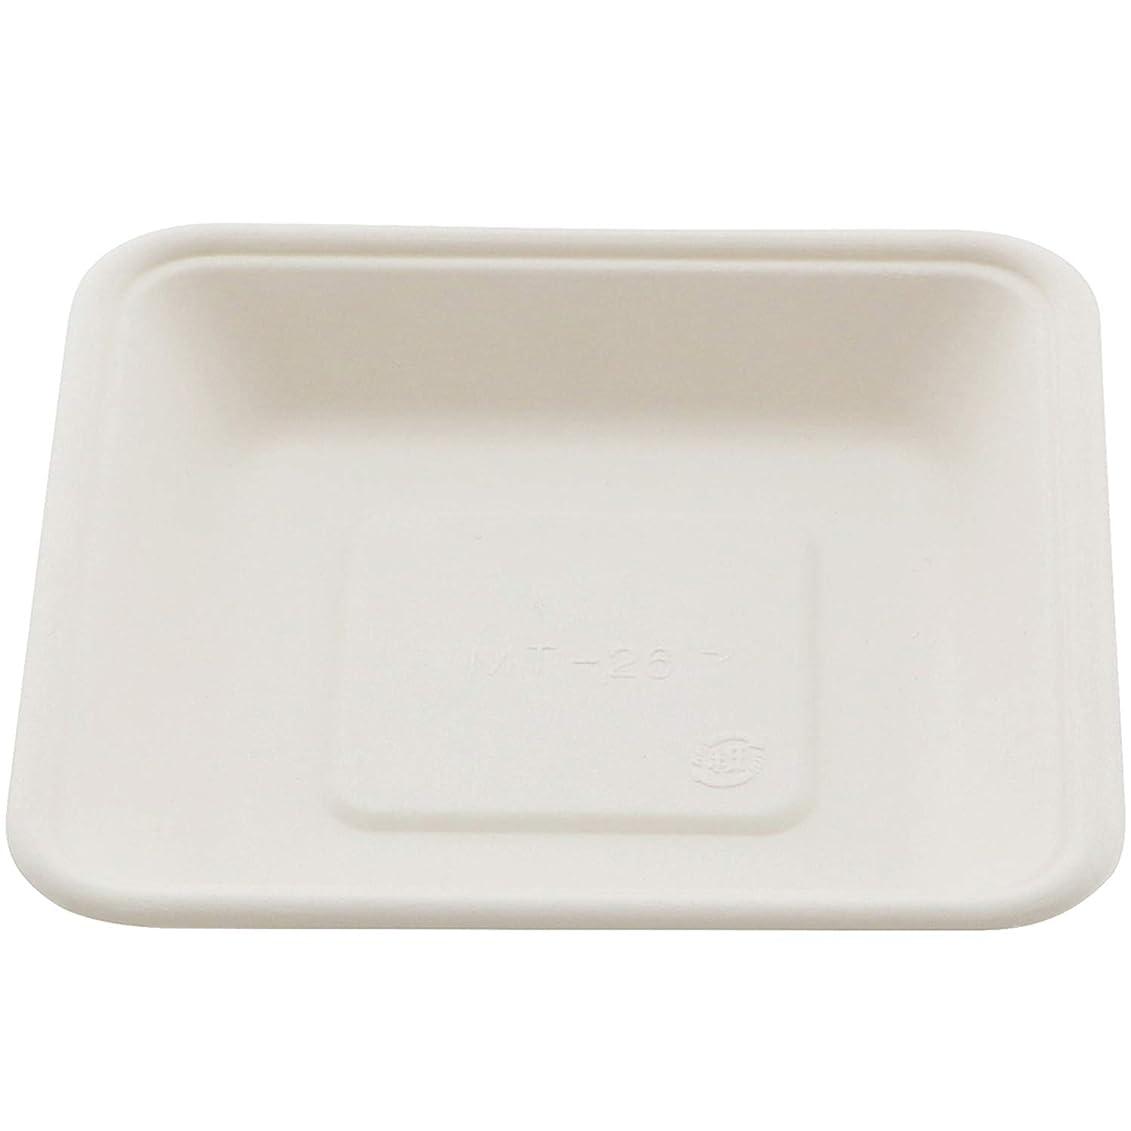 アレイ付添人イデオロギーナガオ 使い捨て 紙食器 角皿 14.1cm 50枚セット 3289914